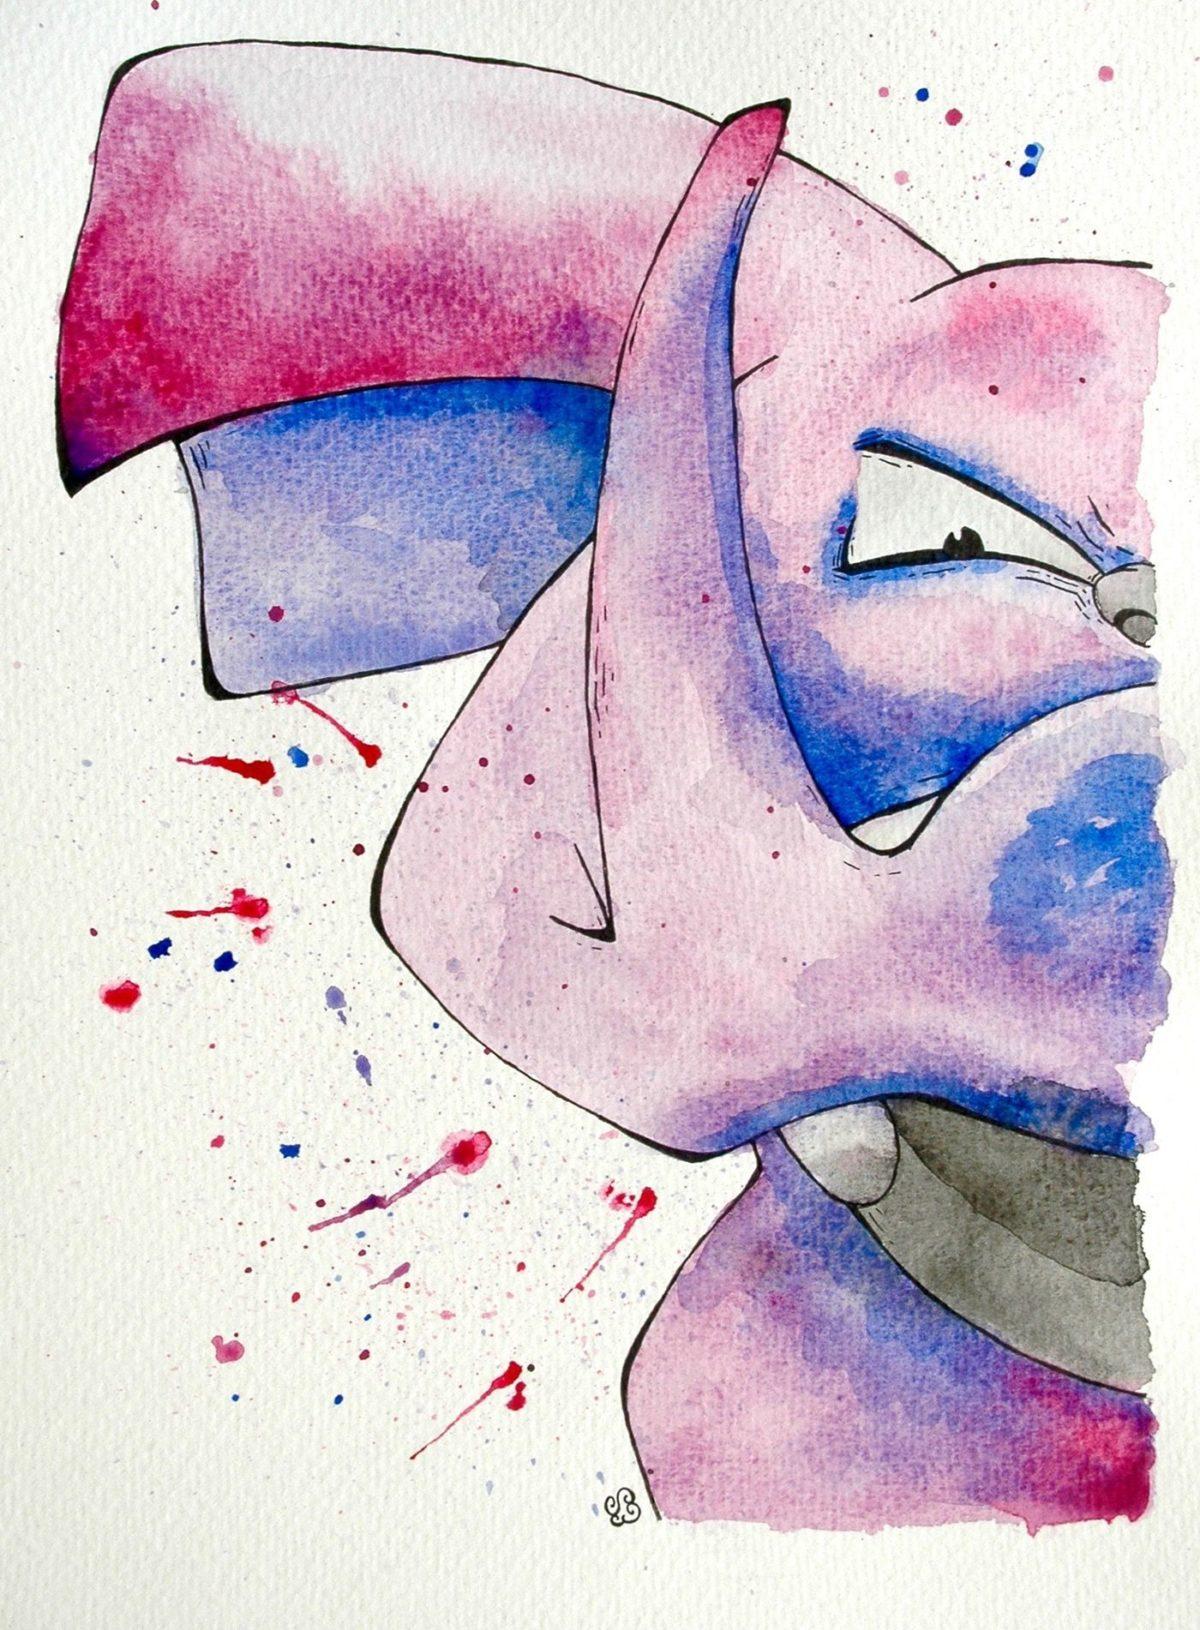 Granbull pokemon fan art https://www.behance.net/gallery/48218321 …